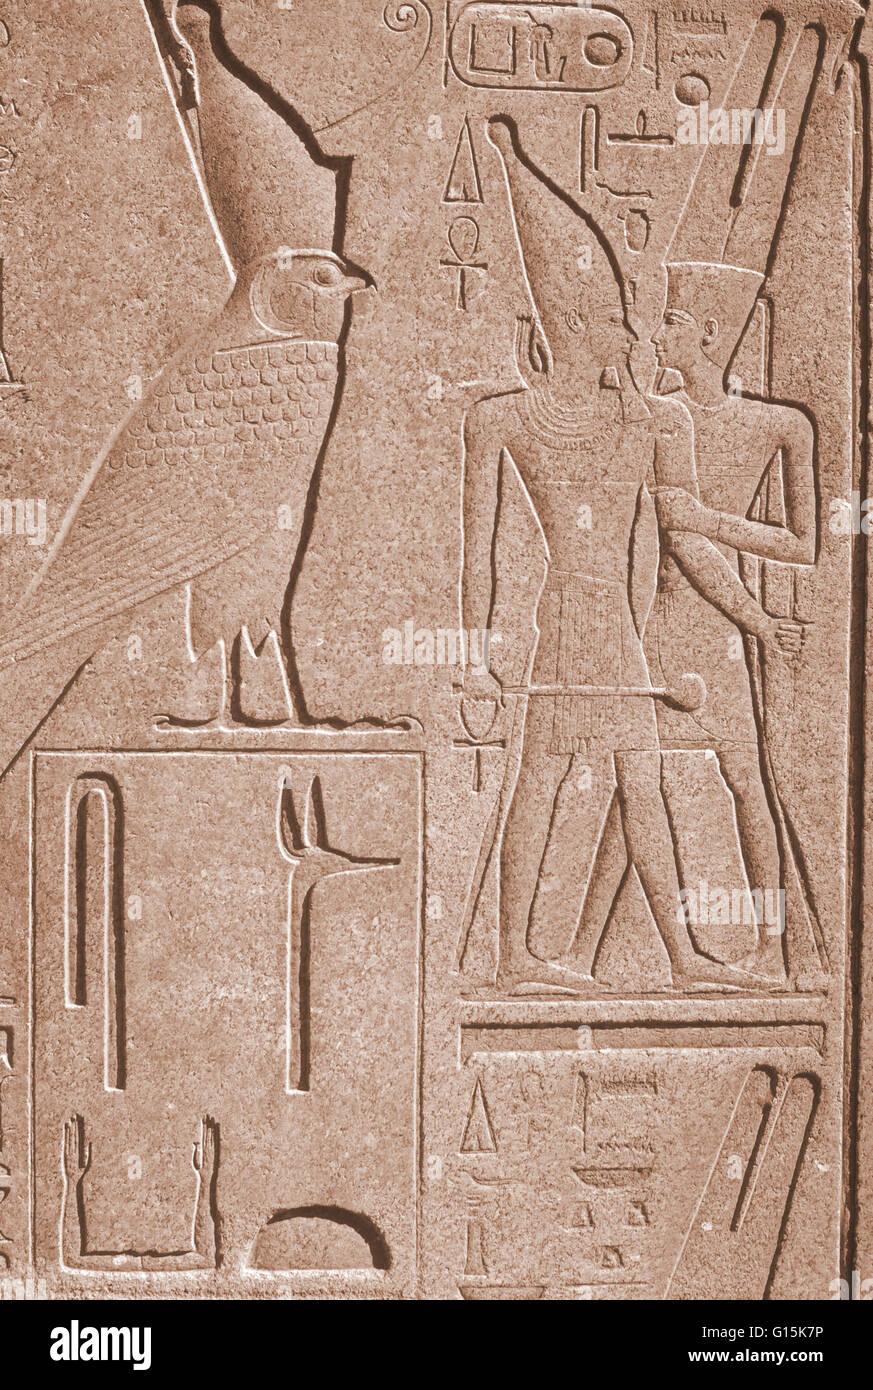 Ancient language stock photos